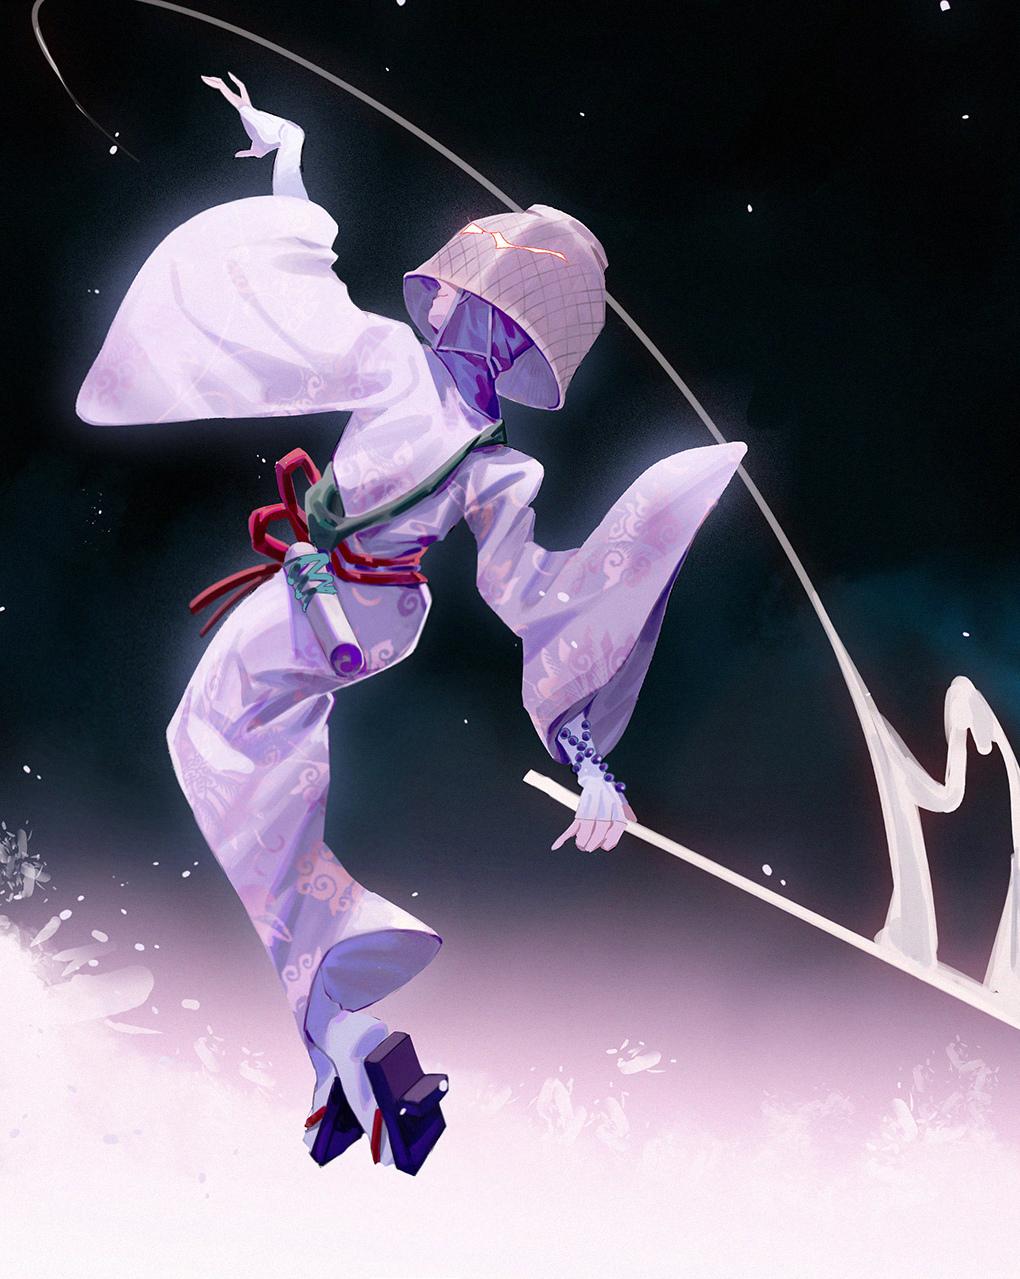 1girl 90fen5 basket covered_eyes geta highres japanese_clothes kimono o'rin_of_the_water obi sandals sash sekiro:_shadows_die_twice smile solo tabi